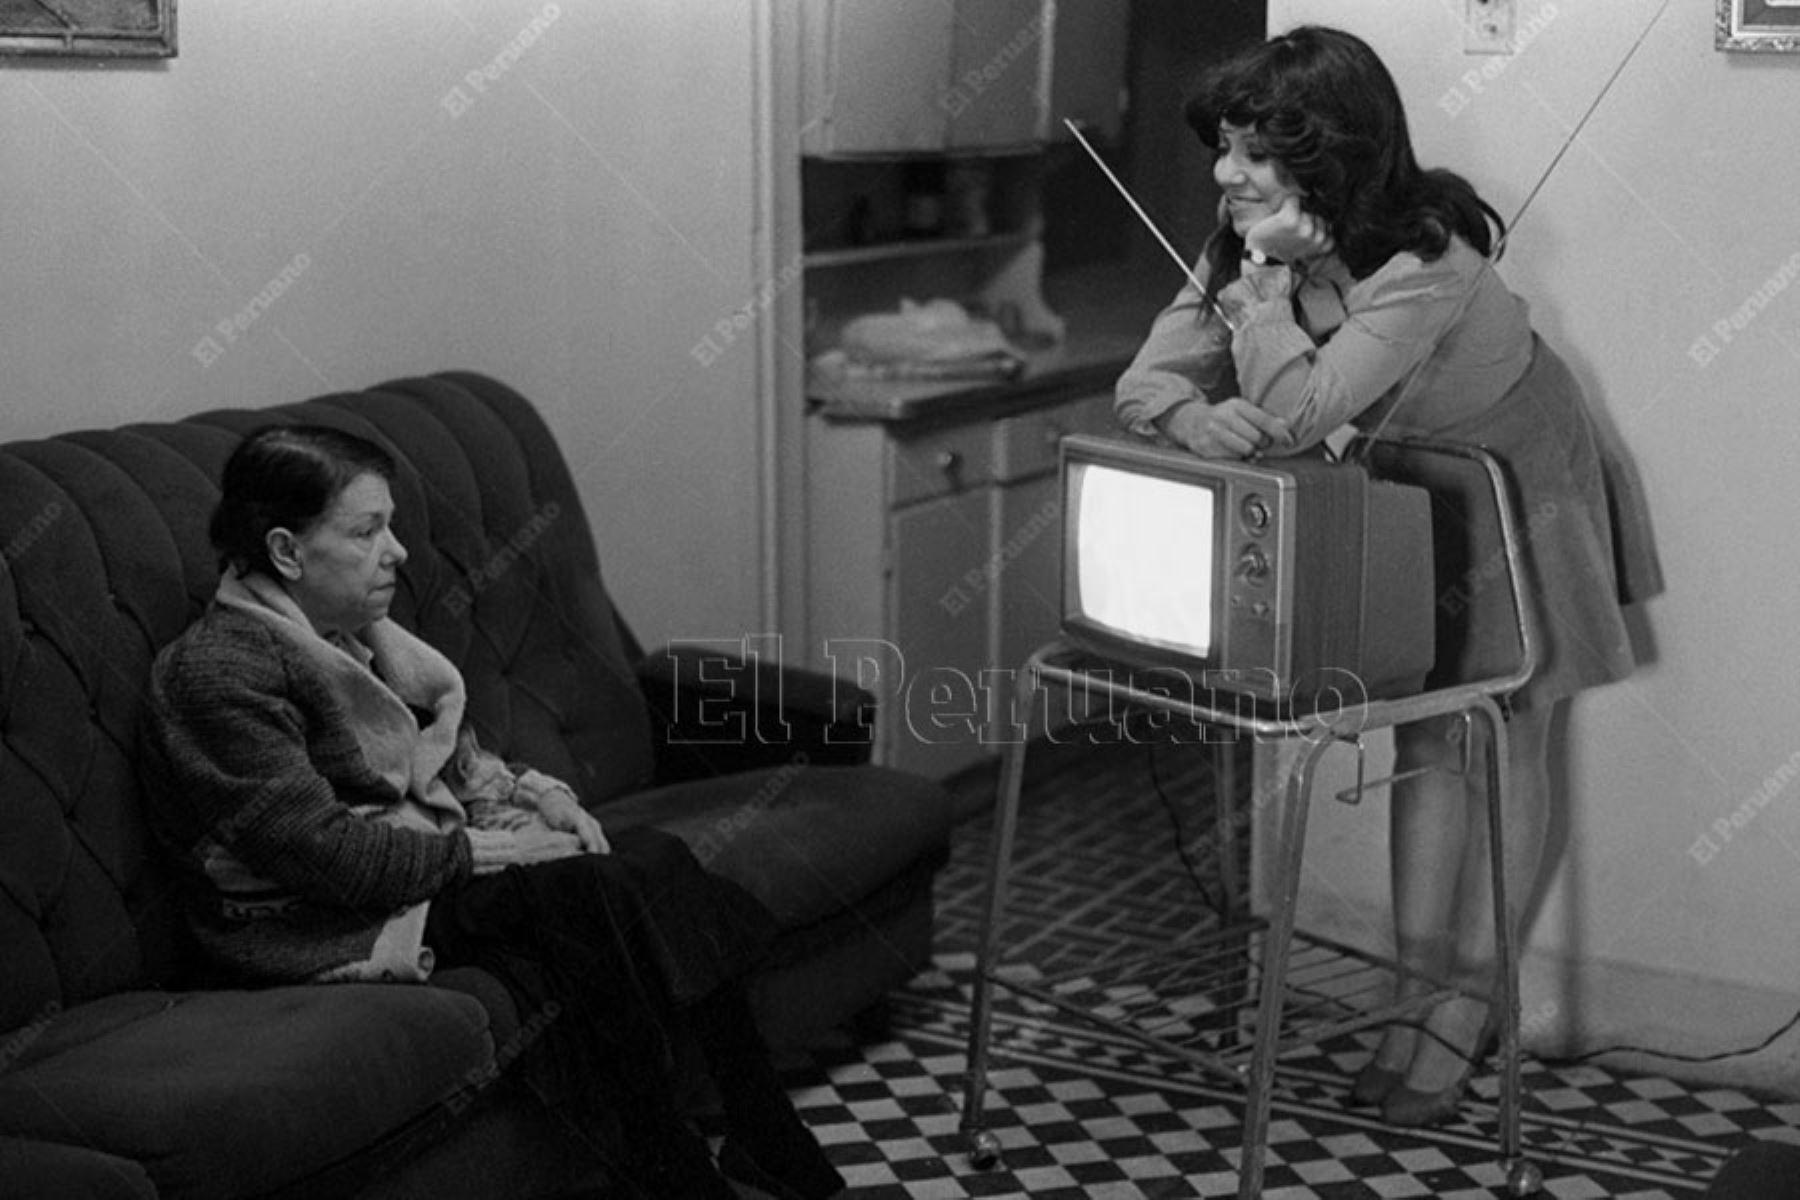 Lima - 19 junio 1984 / La actriz Nancy Cavagnary, y su madre,  en una producción especial para Variedades. Foto: Archivo Histórico de El Peruano / Rómulo Luján